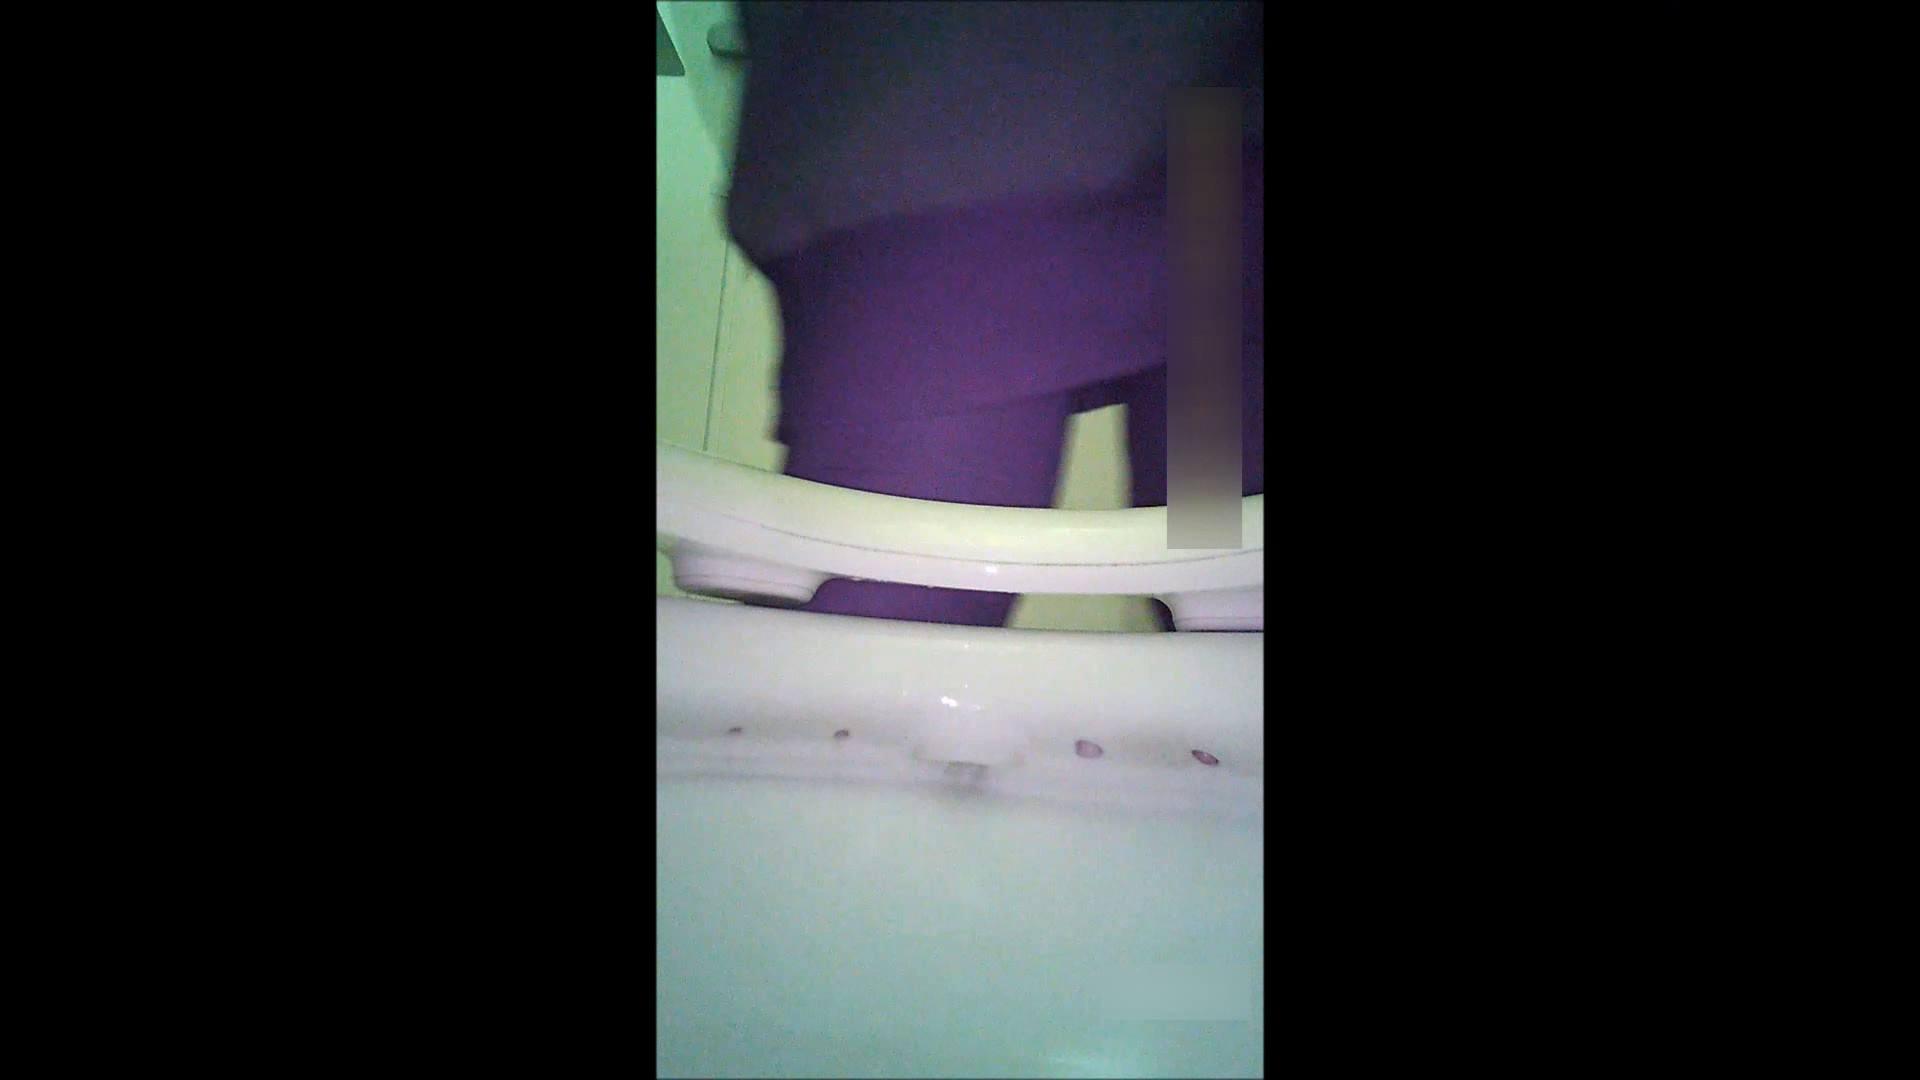 キレカワ女子大生の秘密の洗面所!Vol.051 HなOL AV無料動画キャプチャ 87pic 56